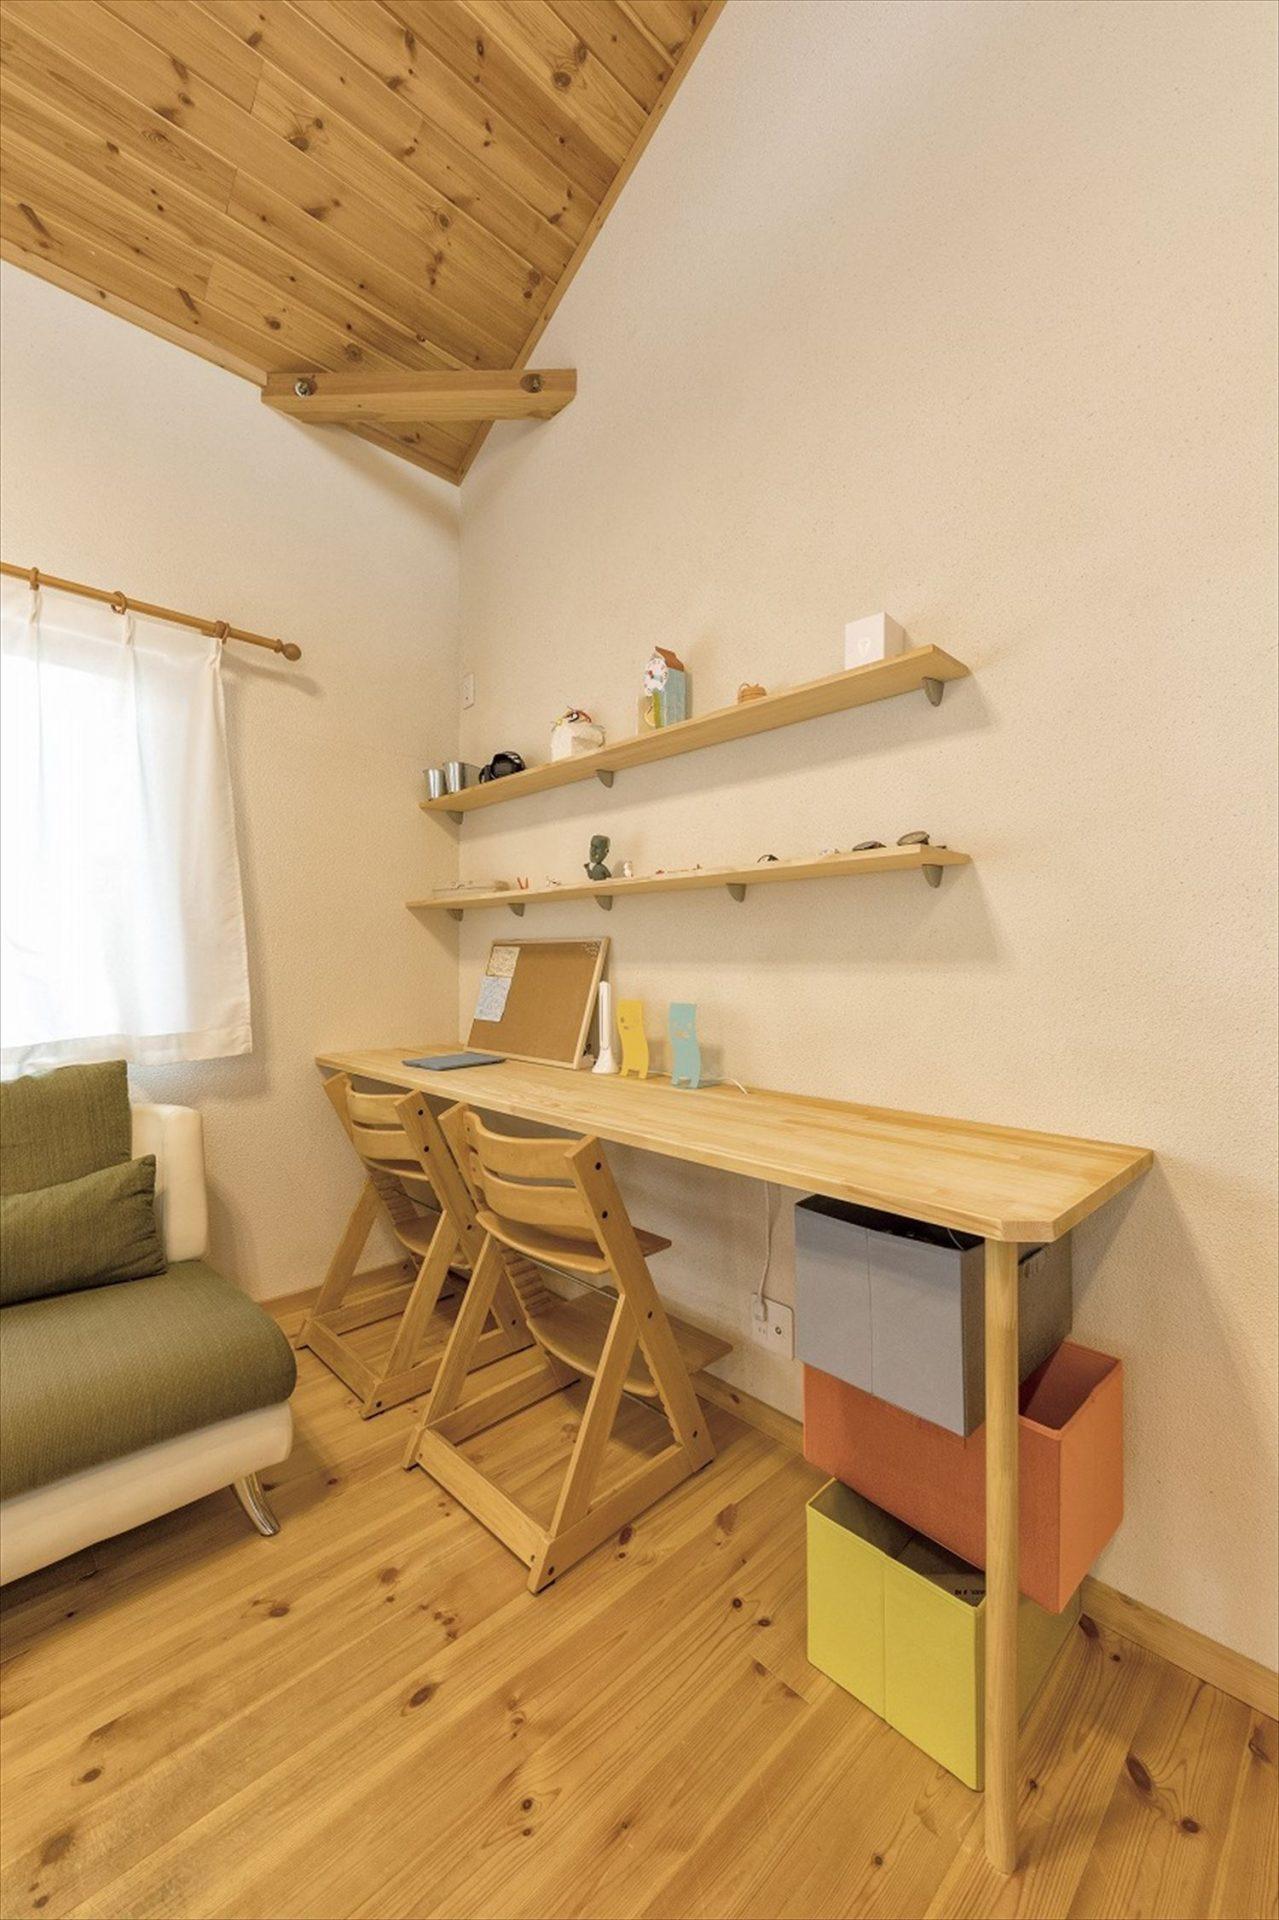 ナチュラルモダン二階建ての勉強スペース|行方市の注文住宅,ログハウスのような木の家を低価格で建てるならエイ・ワン